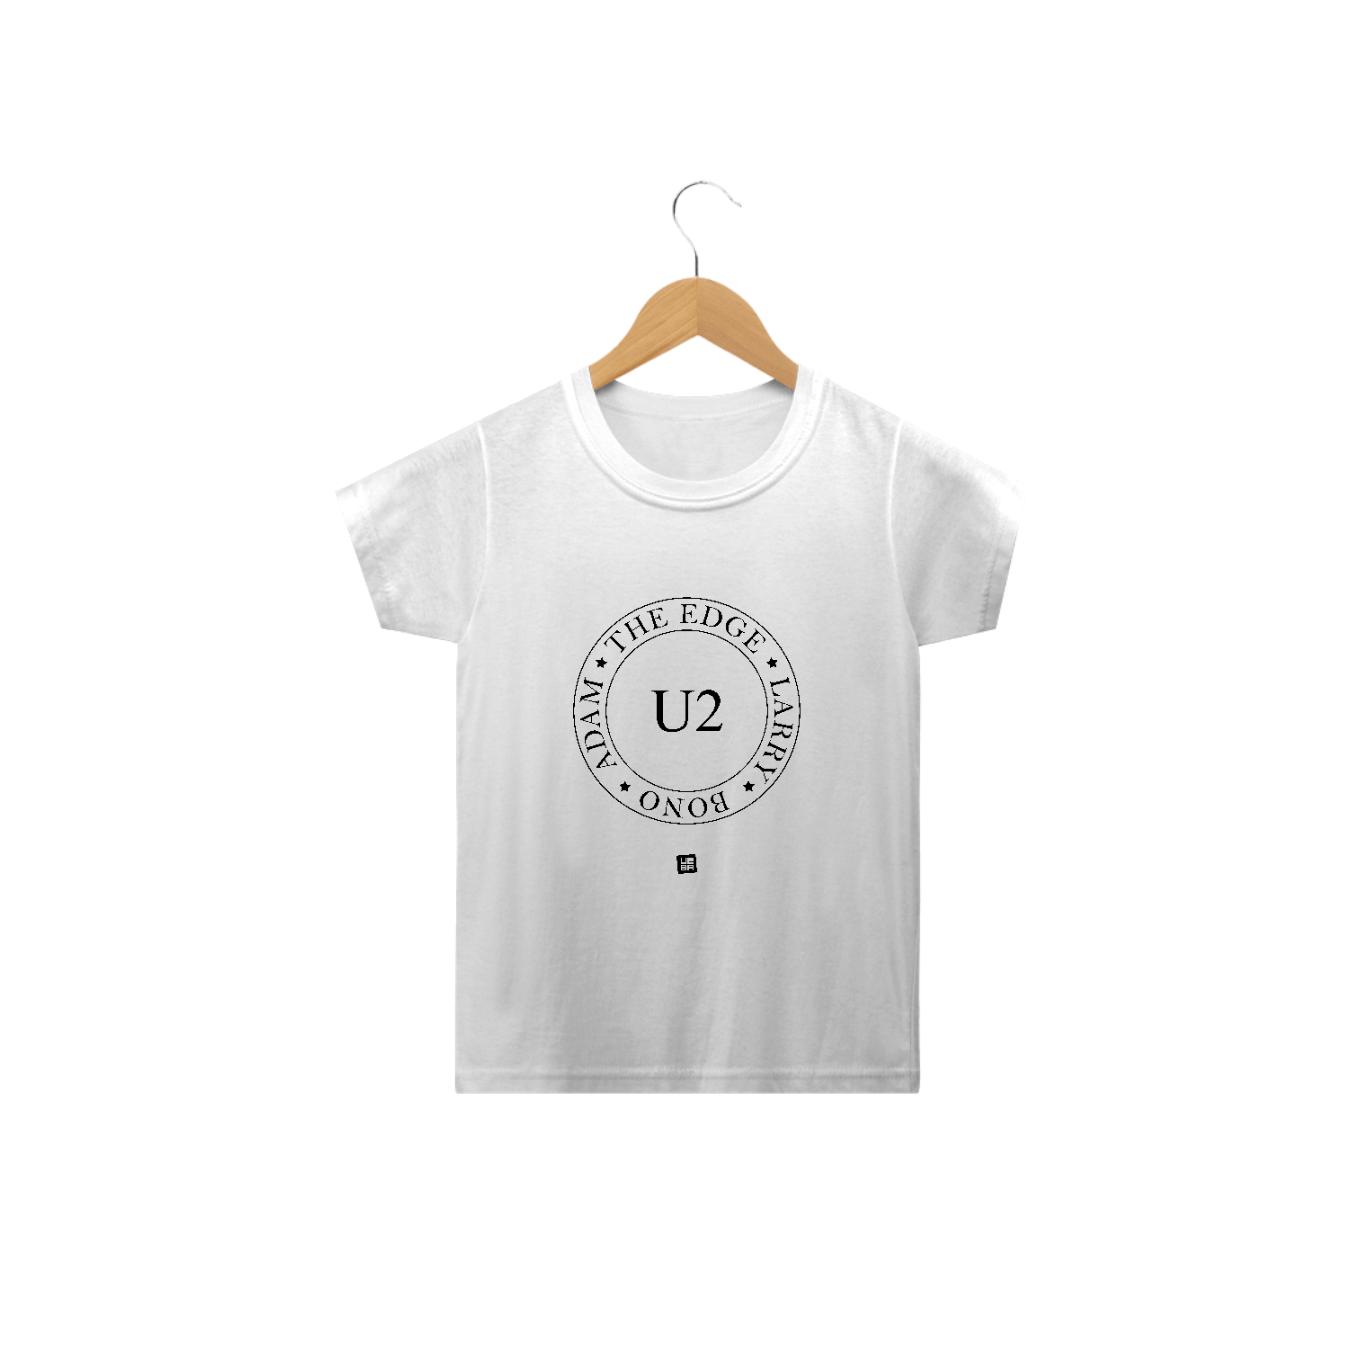 Infantil U2 - Names #1